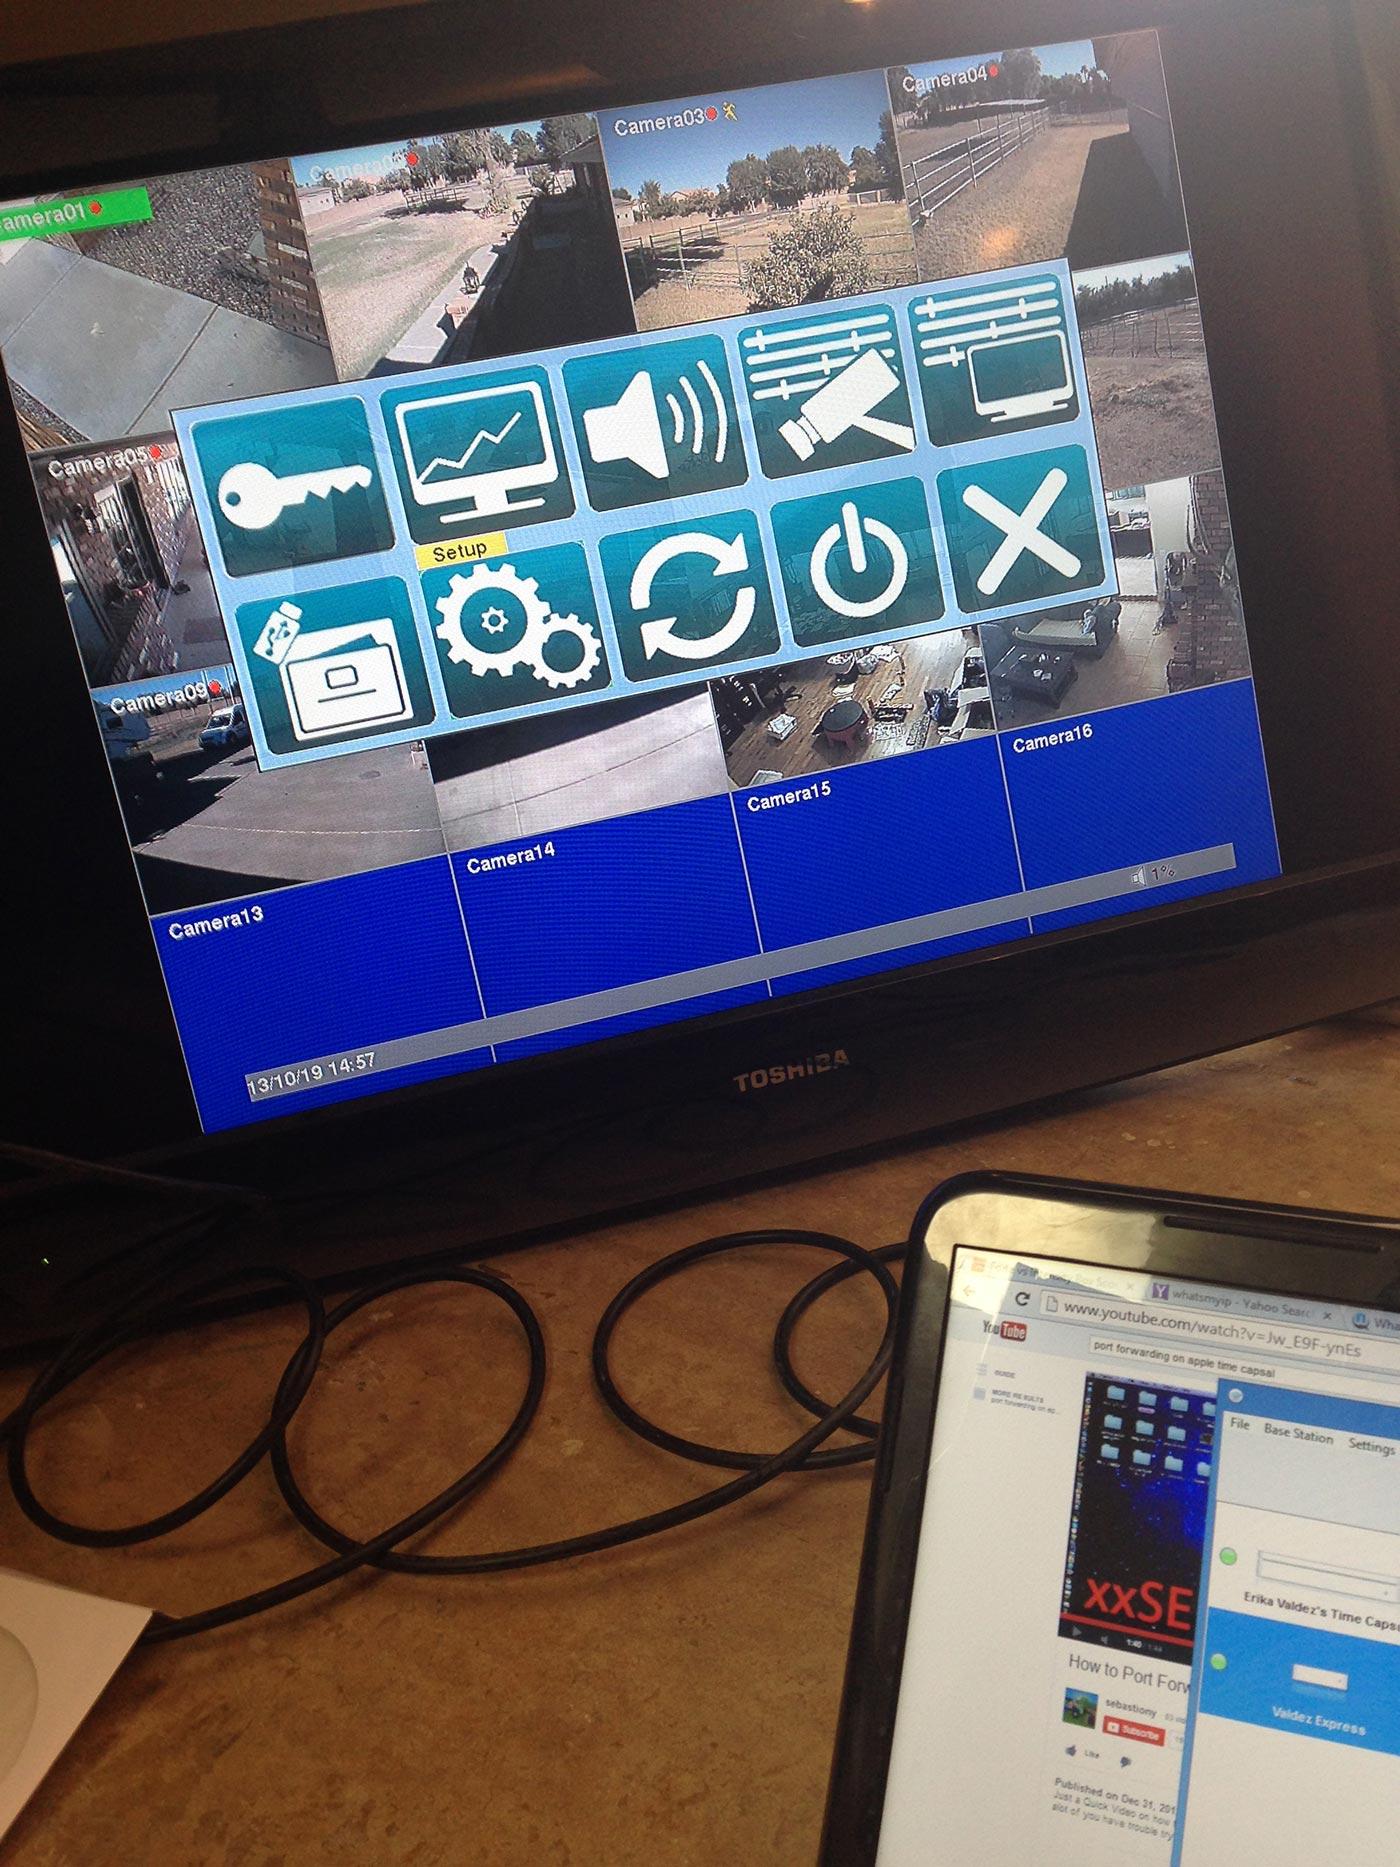 Control 4 remote